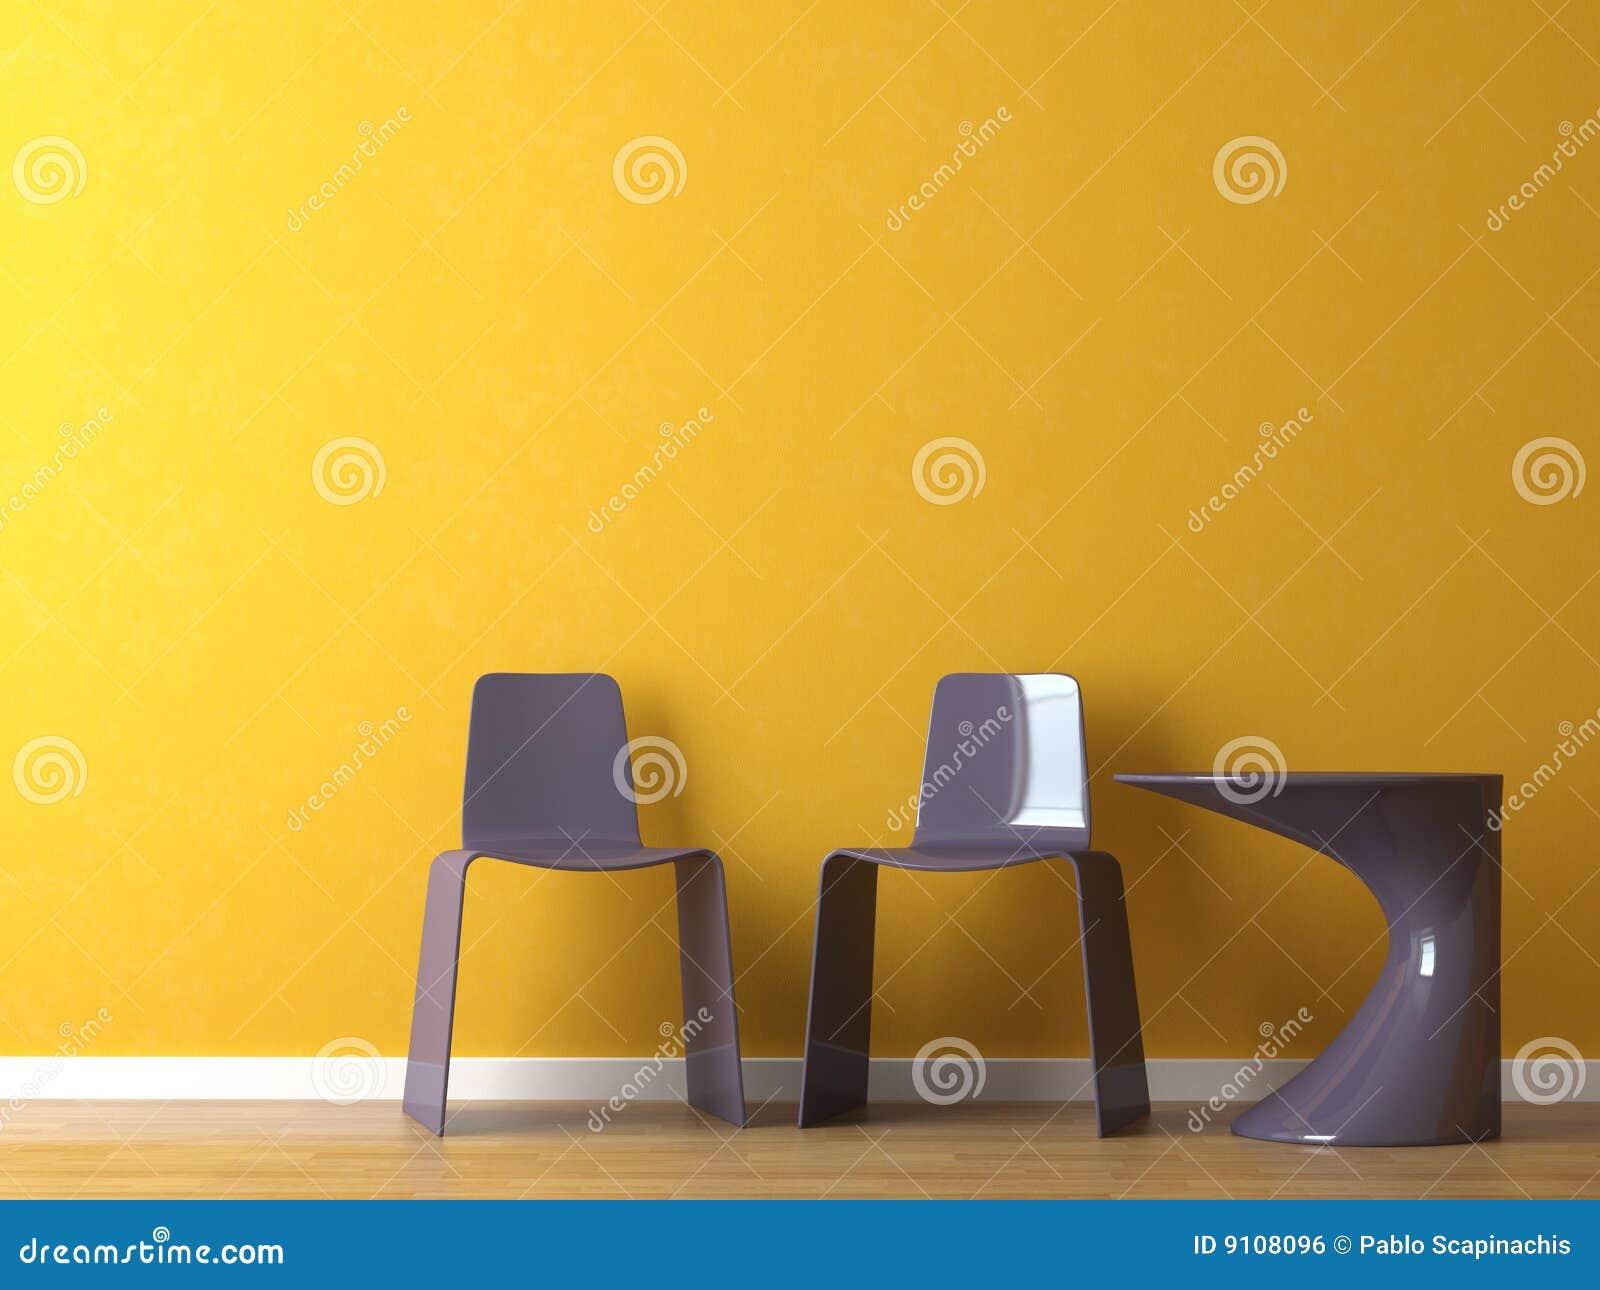 Interior design modern chairs on orange wall